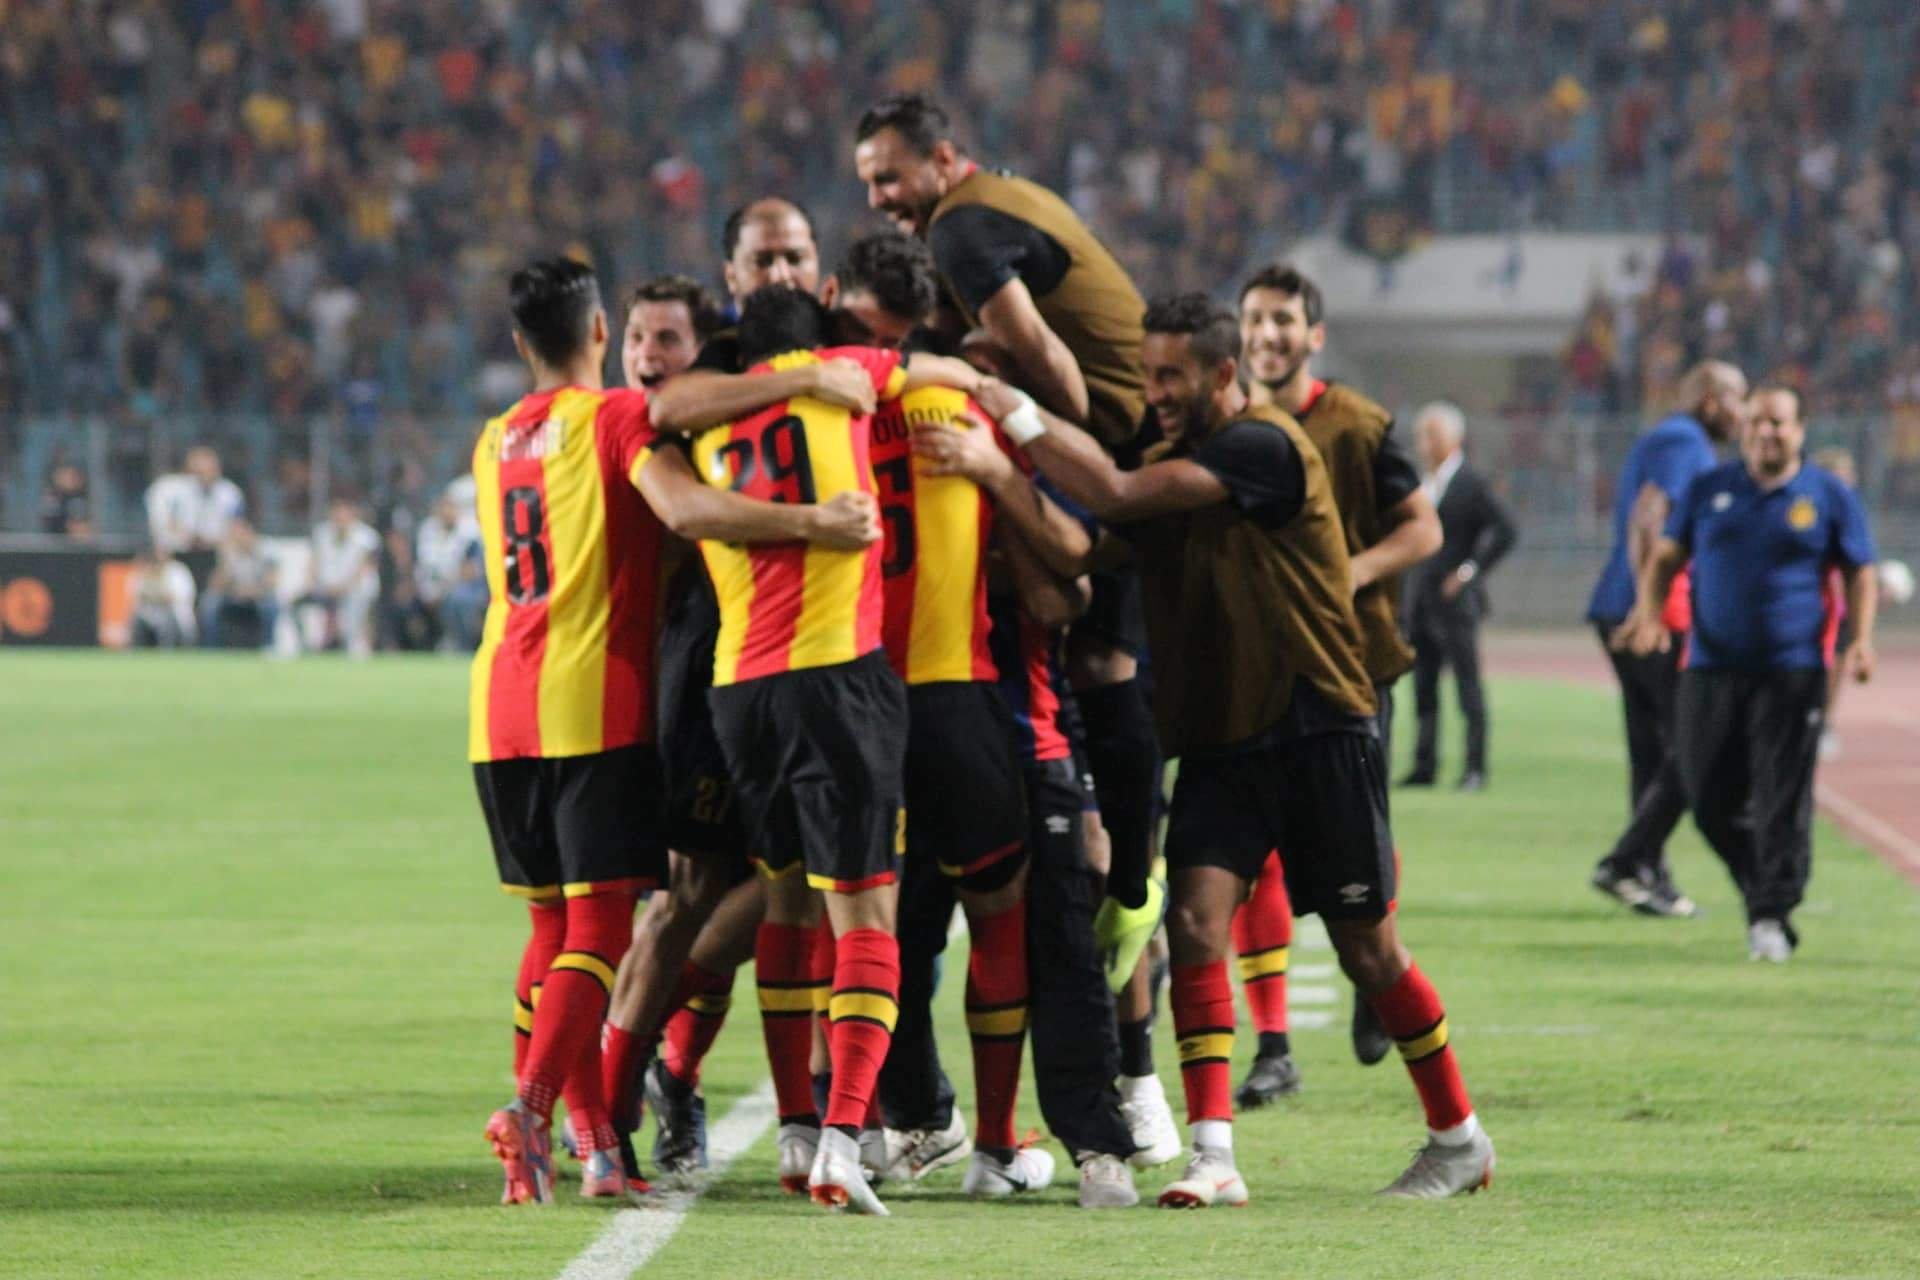 Belaili et l'Espérance qualifiés pour la finale — CAF CL